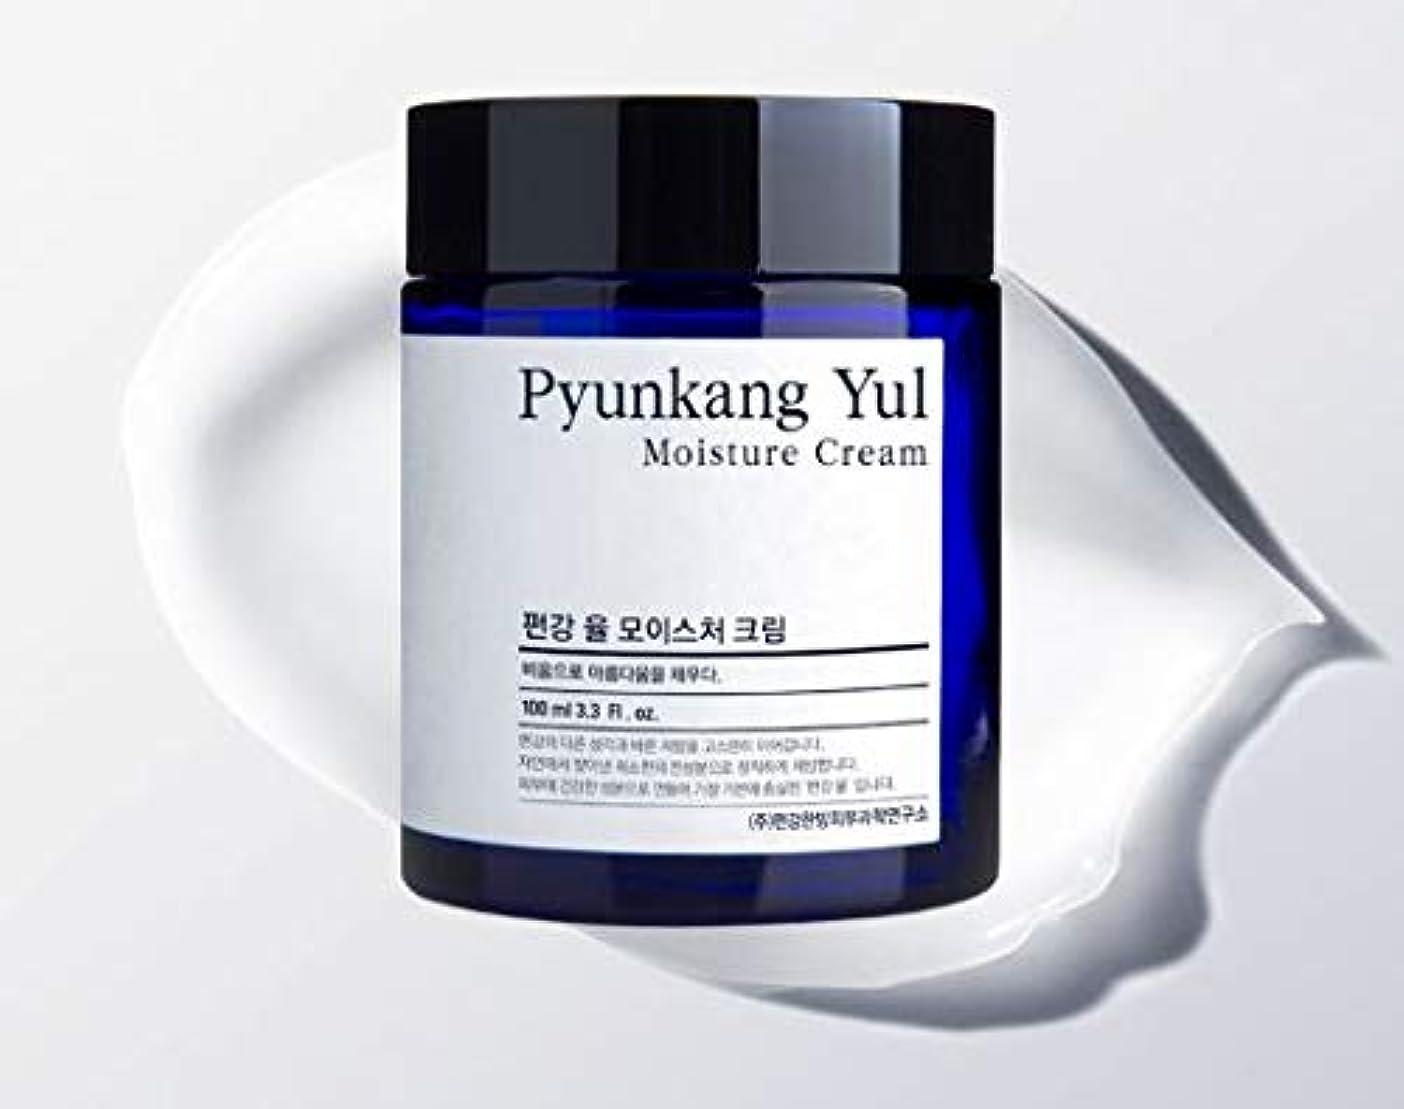 バッジ大学生品[Pyunkang Yul] Moisture Cream 100ml /モイスチャークリーム 100ml [並行輸入品]